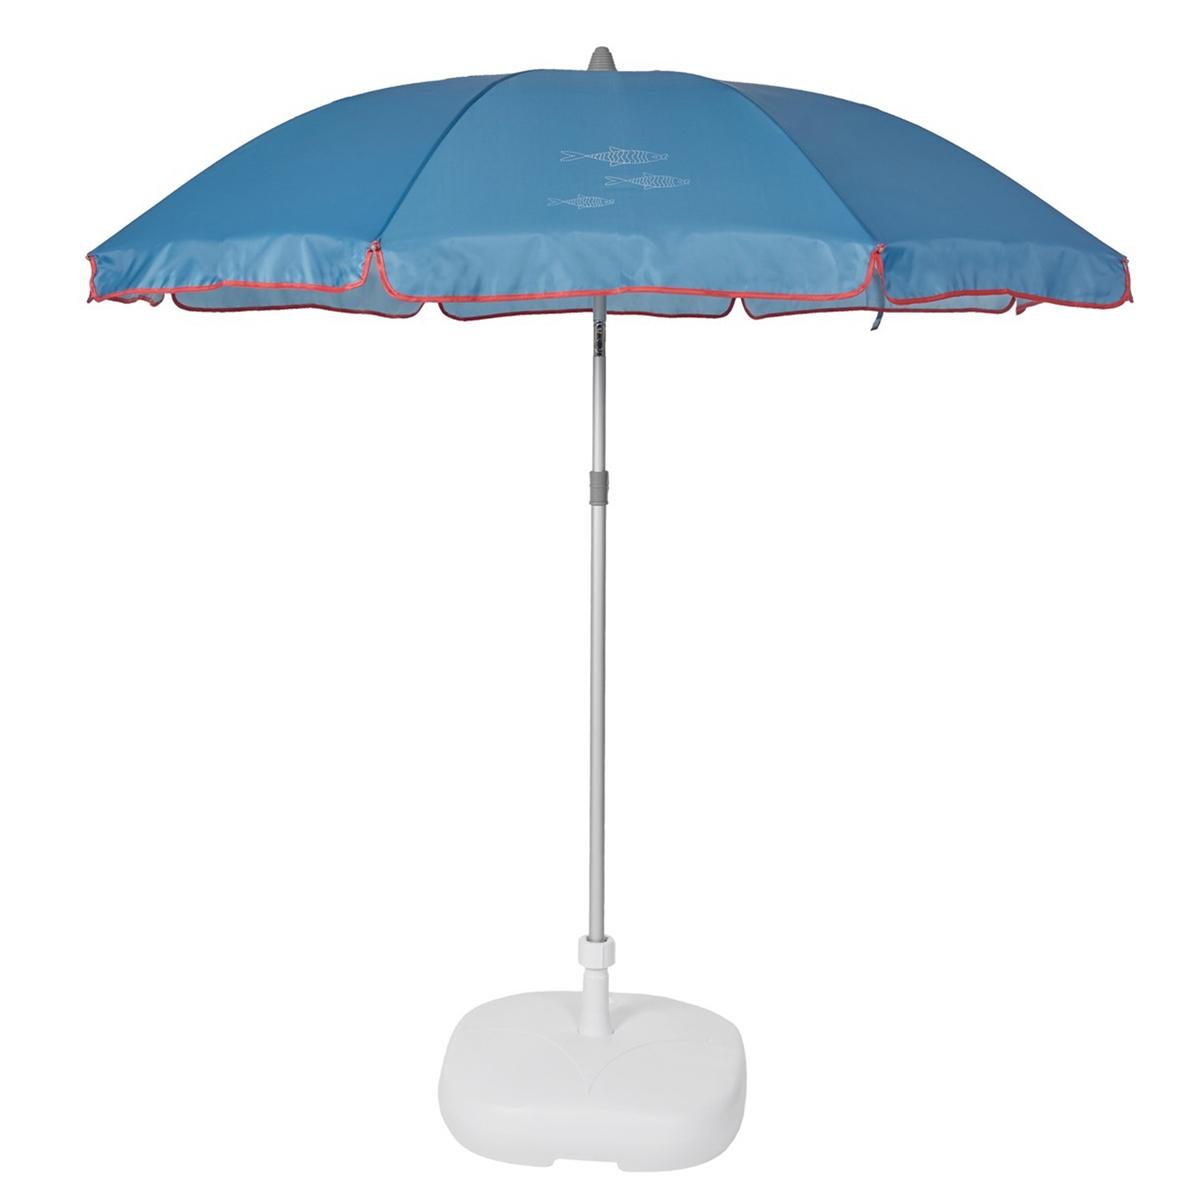 Зонт пляжный, BEACH зонт пляжный с креплением на стул d 120 см h 96 см розовый